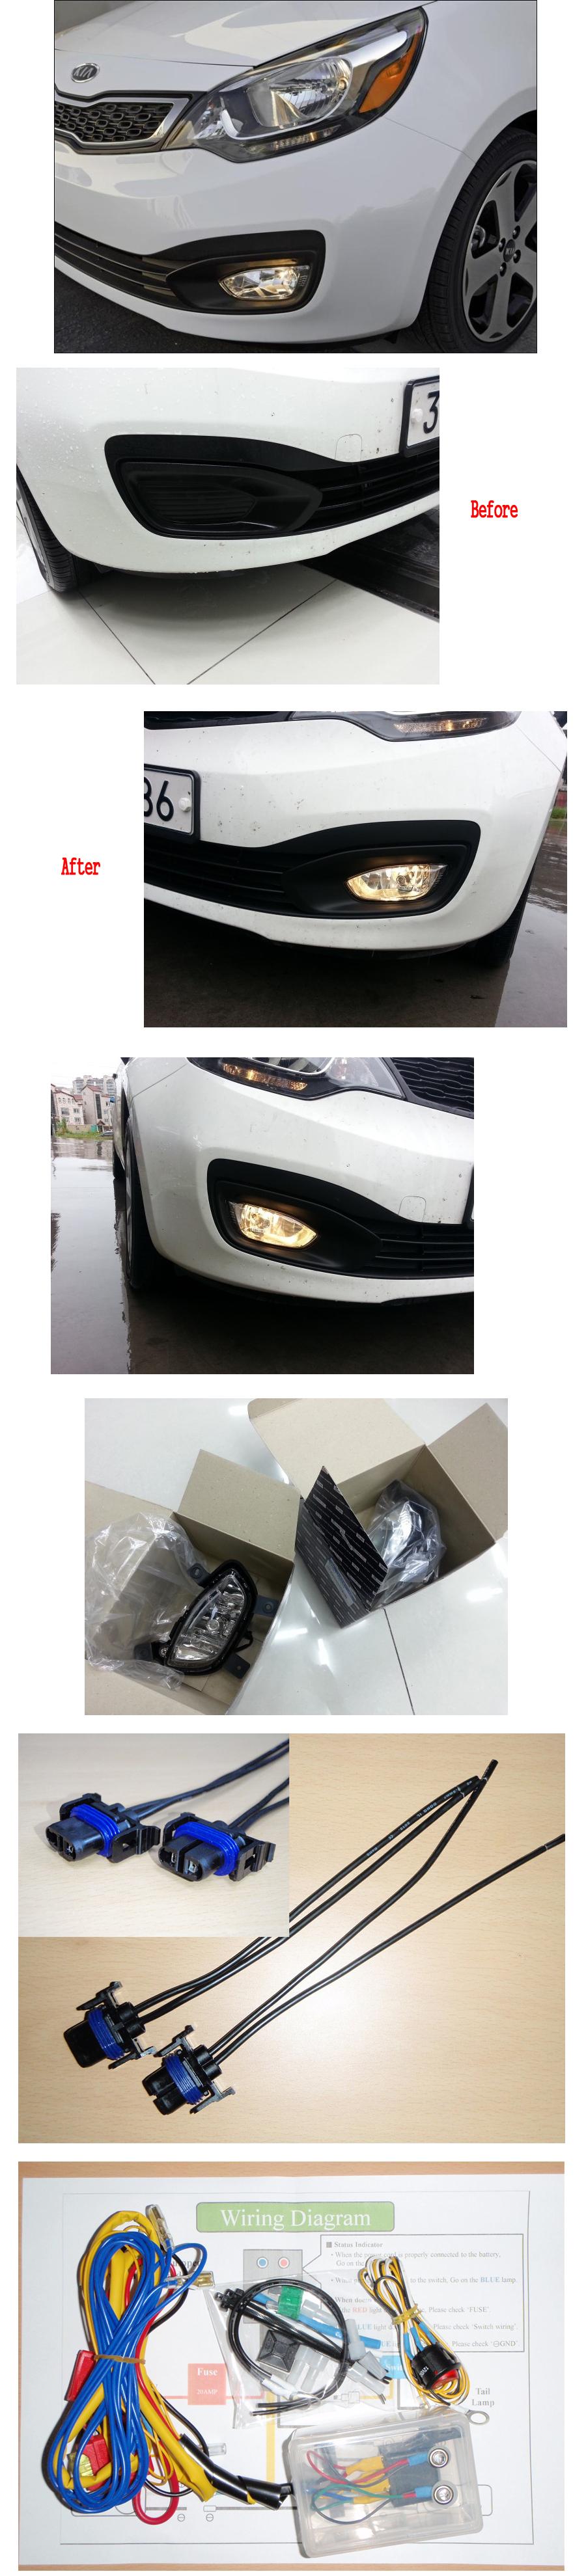 medium resolution of fog lamp light harness complete kit for 12 2015 kia rio sedan 4door rh ebay com